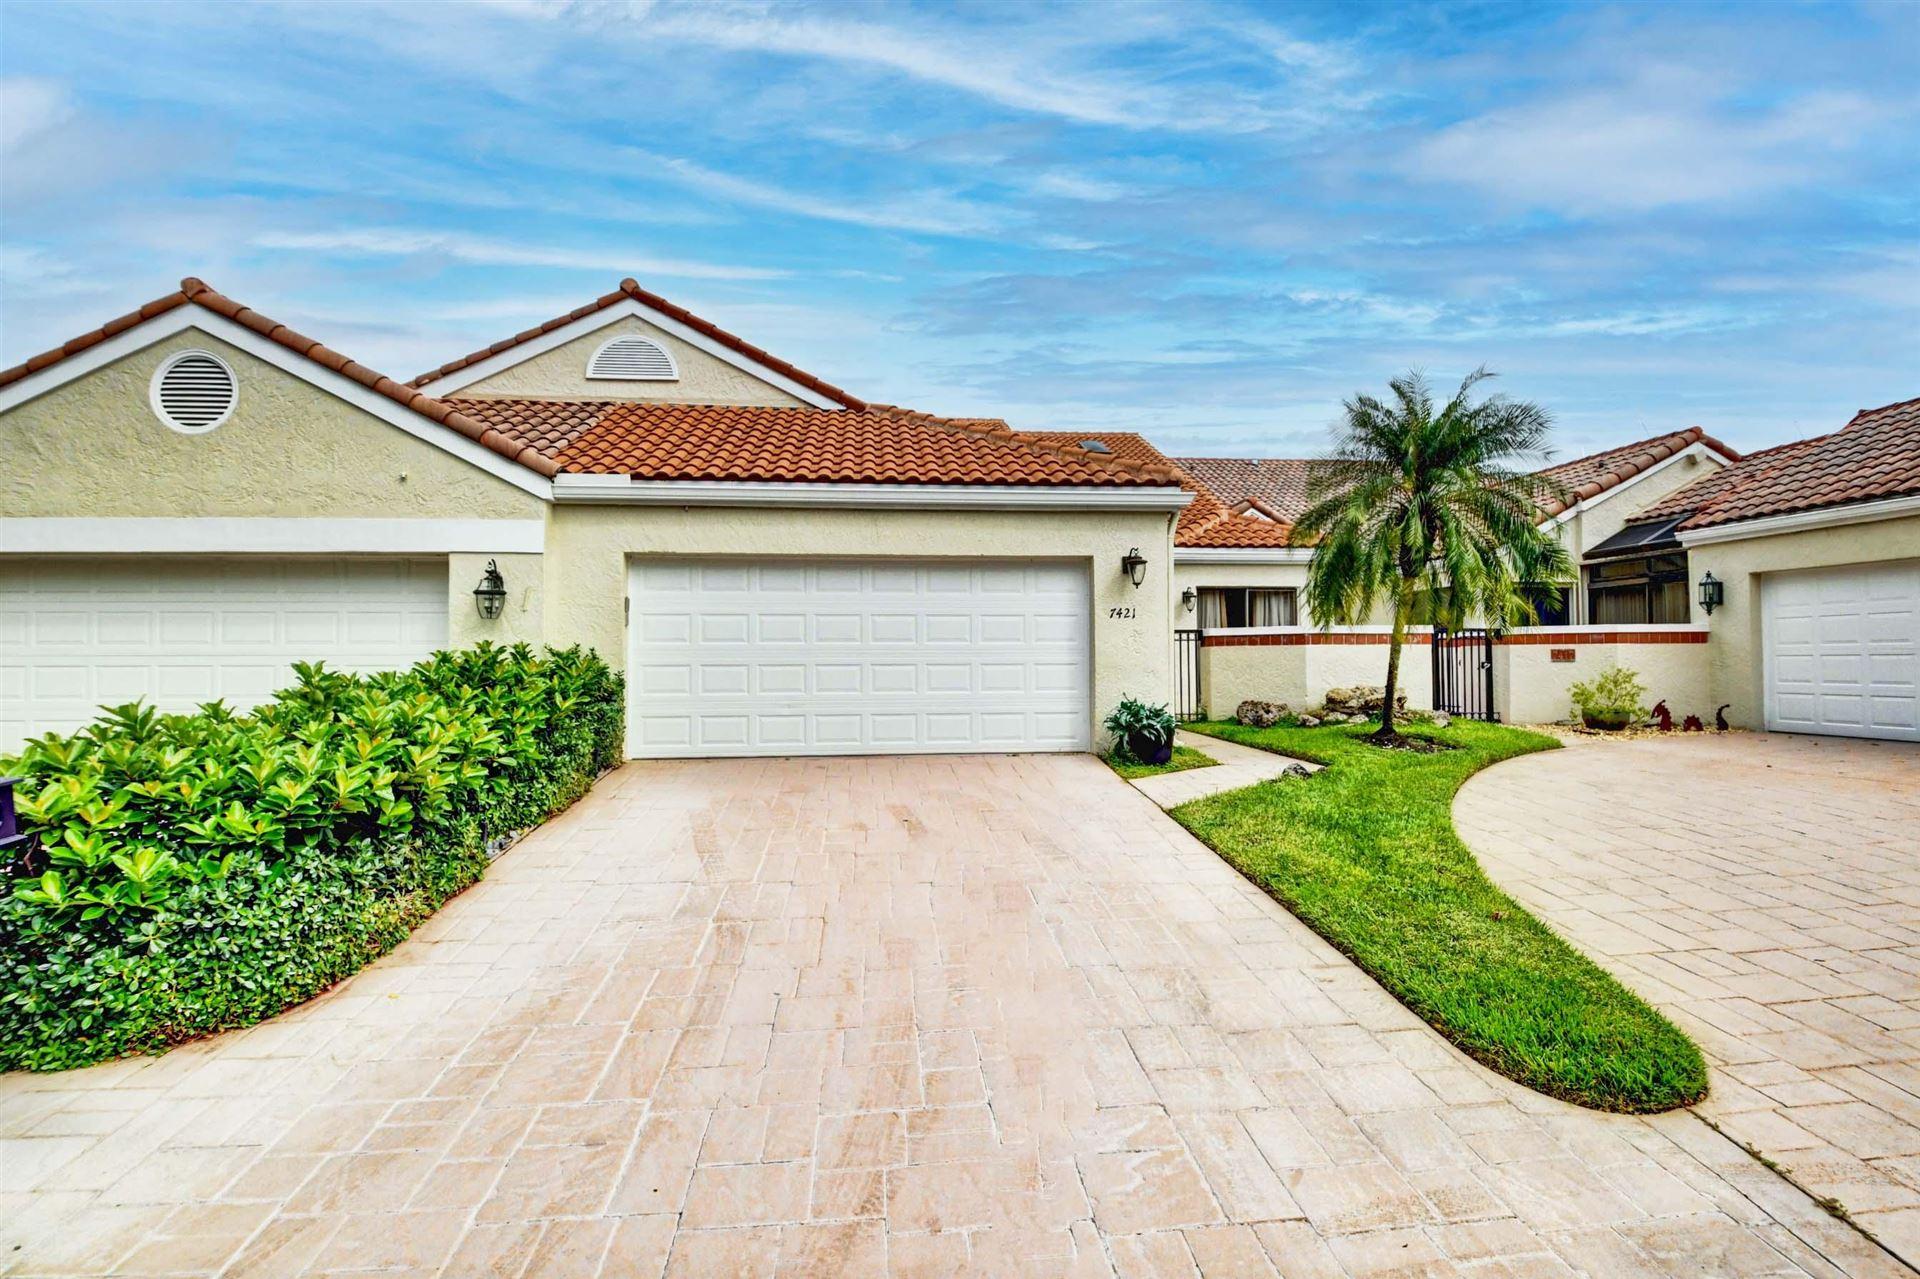 7421 Campo Florido, Boca Raton, FL 33433 - #: RX-10671328